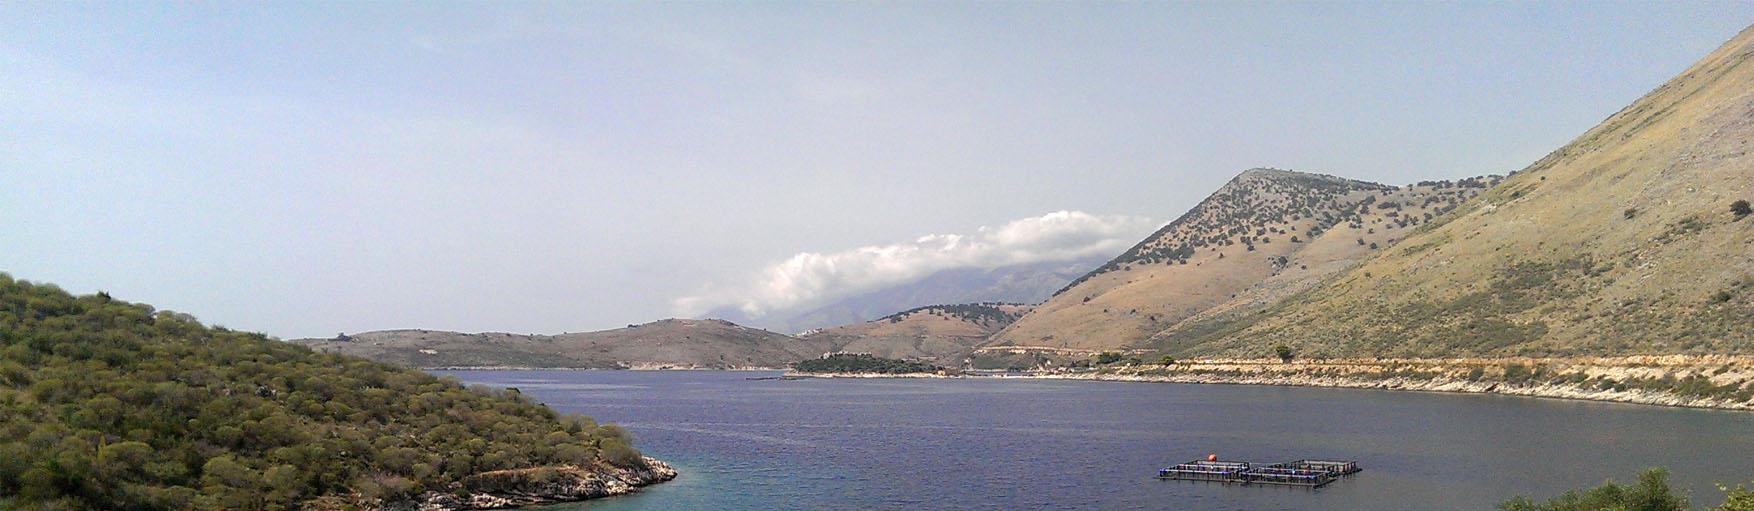 204 albanija juznom obalom